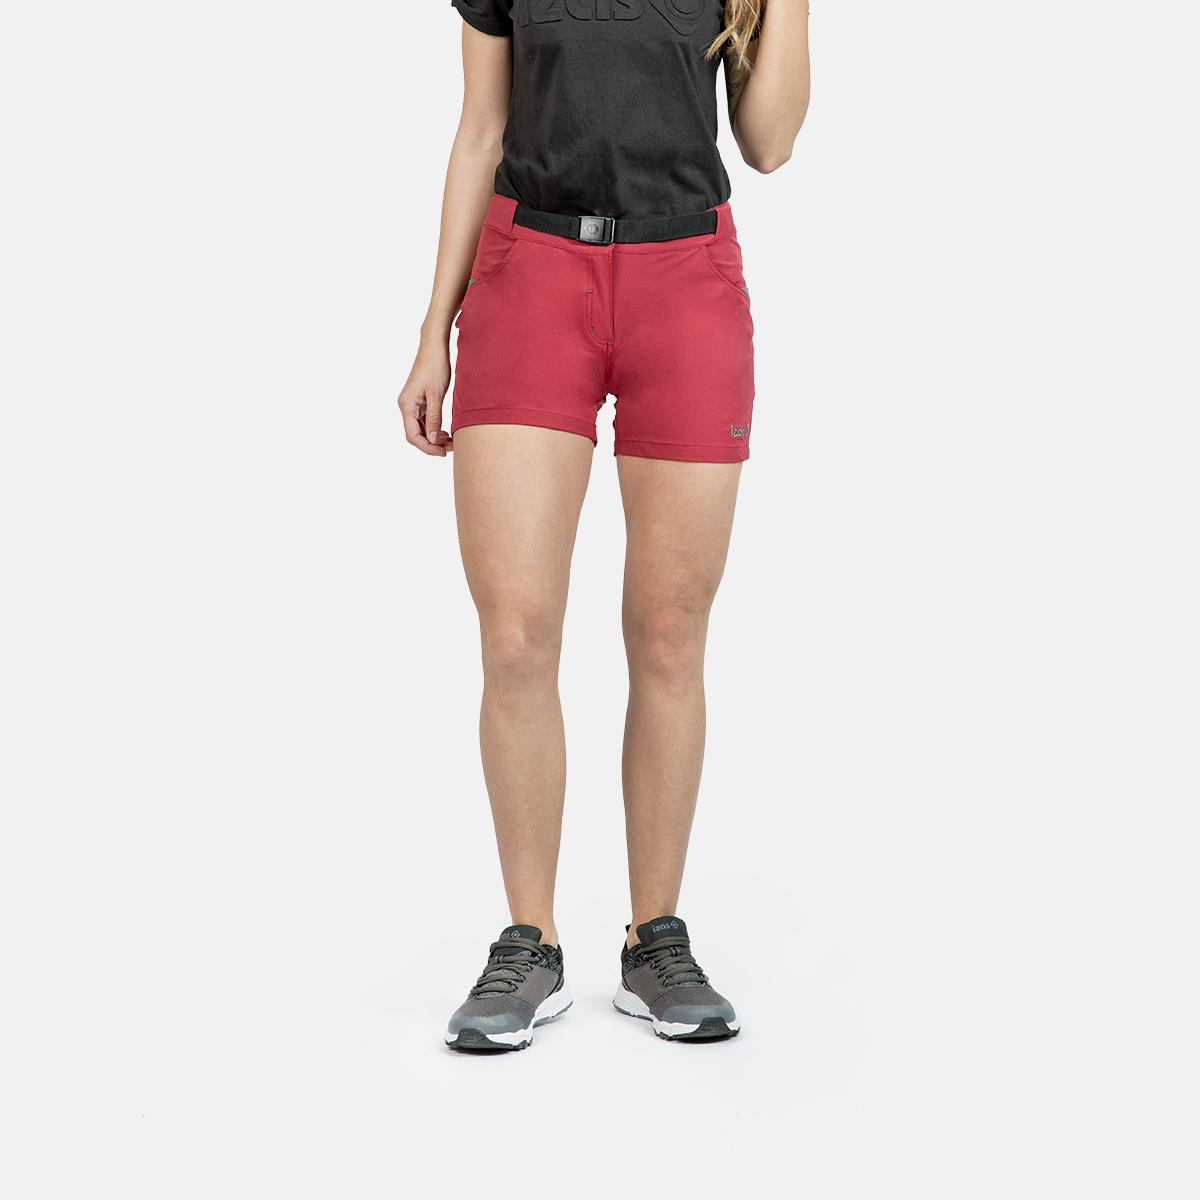 WOMAN'S KEA SHORT STRECHT PANT RED